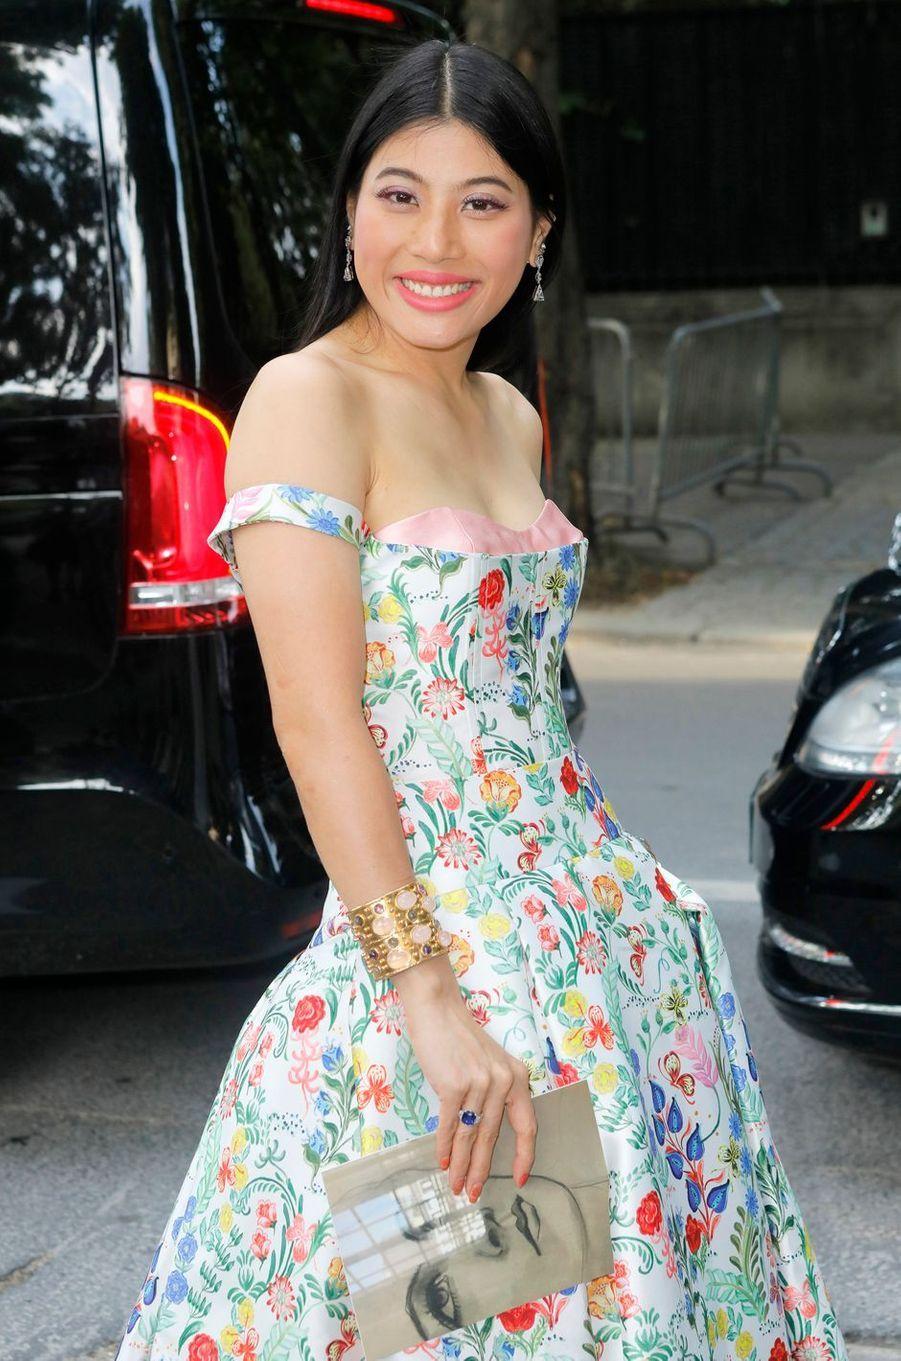 Détail du bustier de la robe de la princesse Sirivannavari Nariratana de Thaïlande à Paris, le 2 juillet 2018